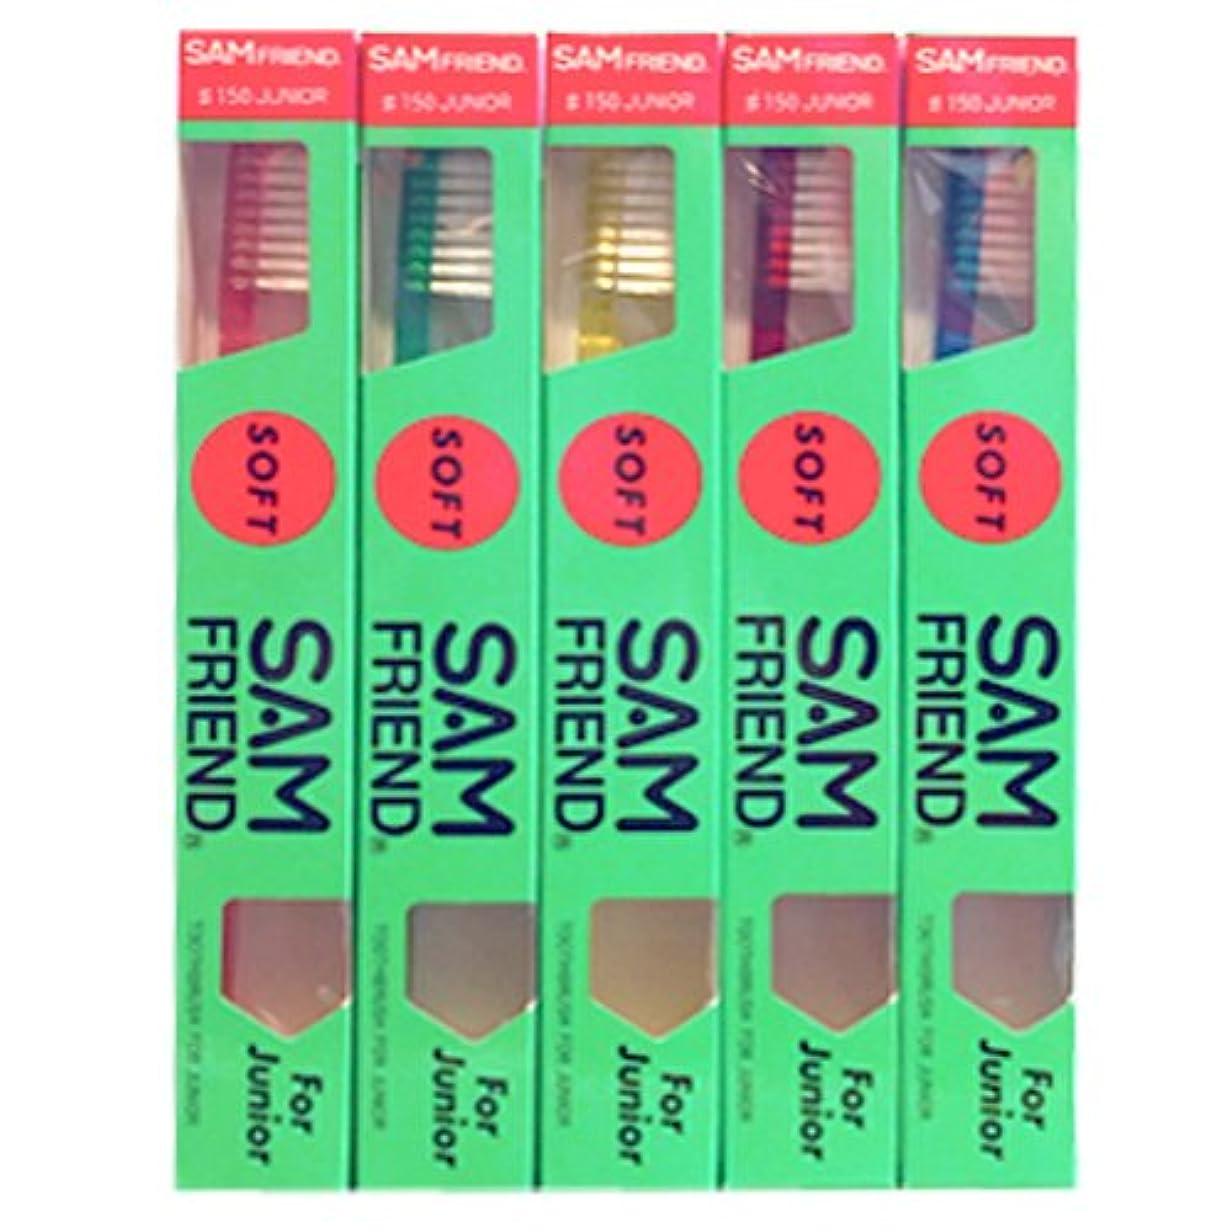 逃げるアノイ引くサムフレンド サムフレンド 歯ブラシ #150ジュニア 5色セット 6~12才用 歯並びが複雑で汚れやすい小さな口 ソフト